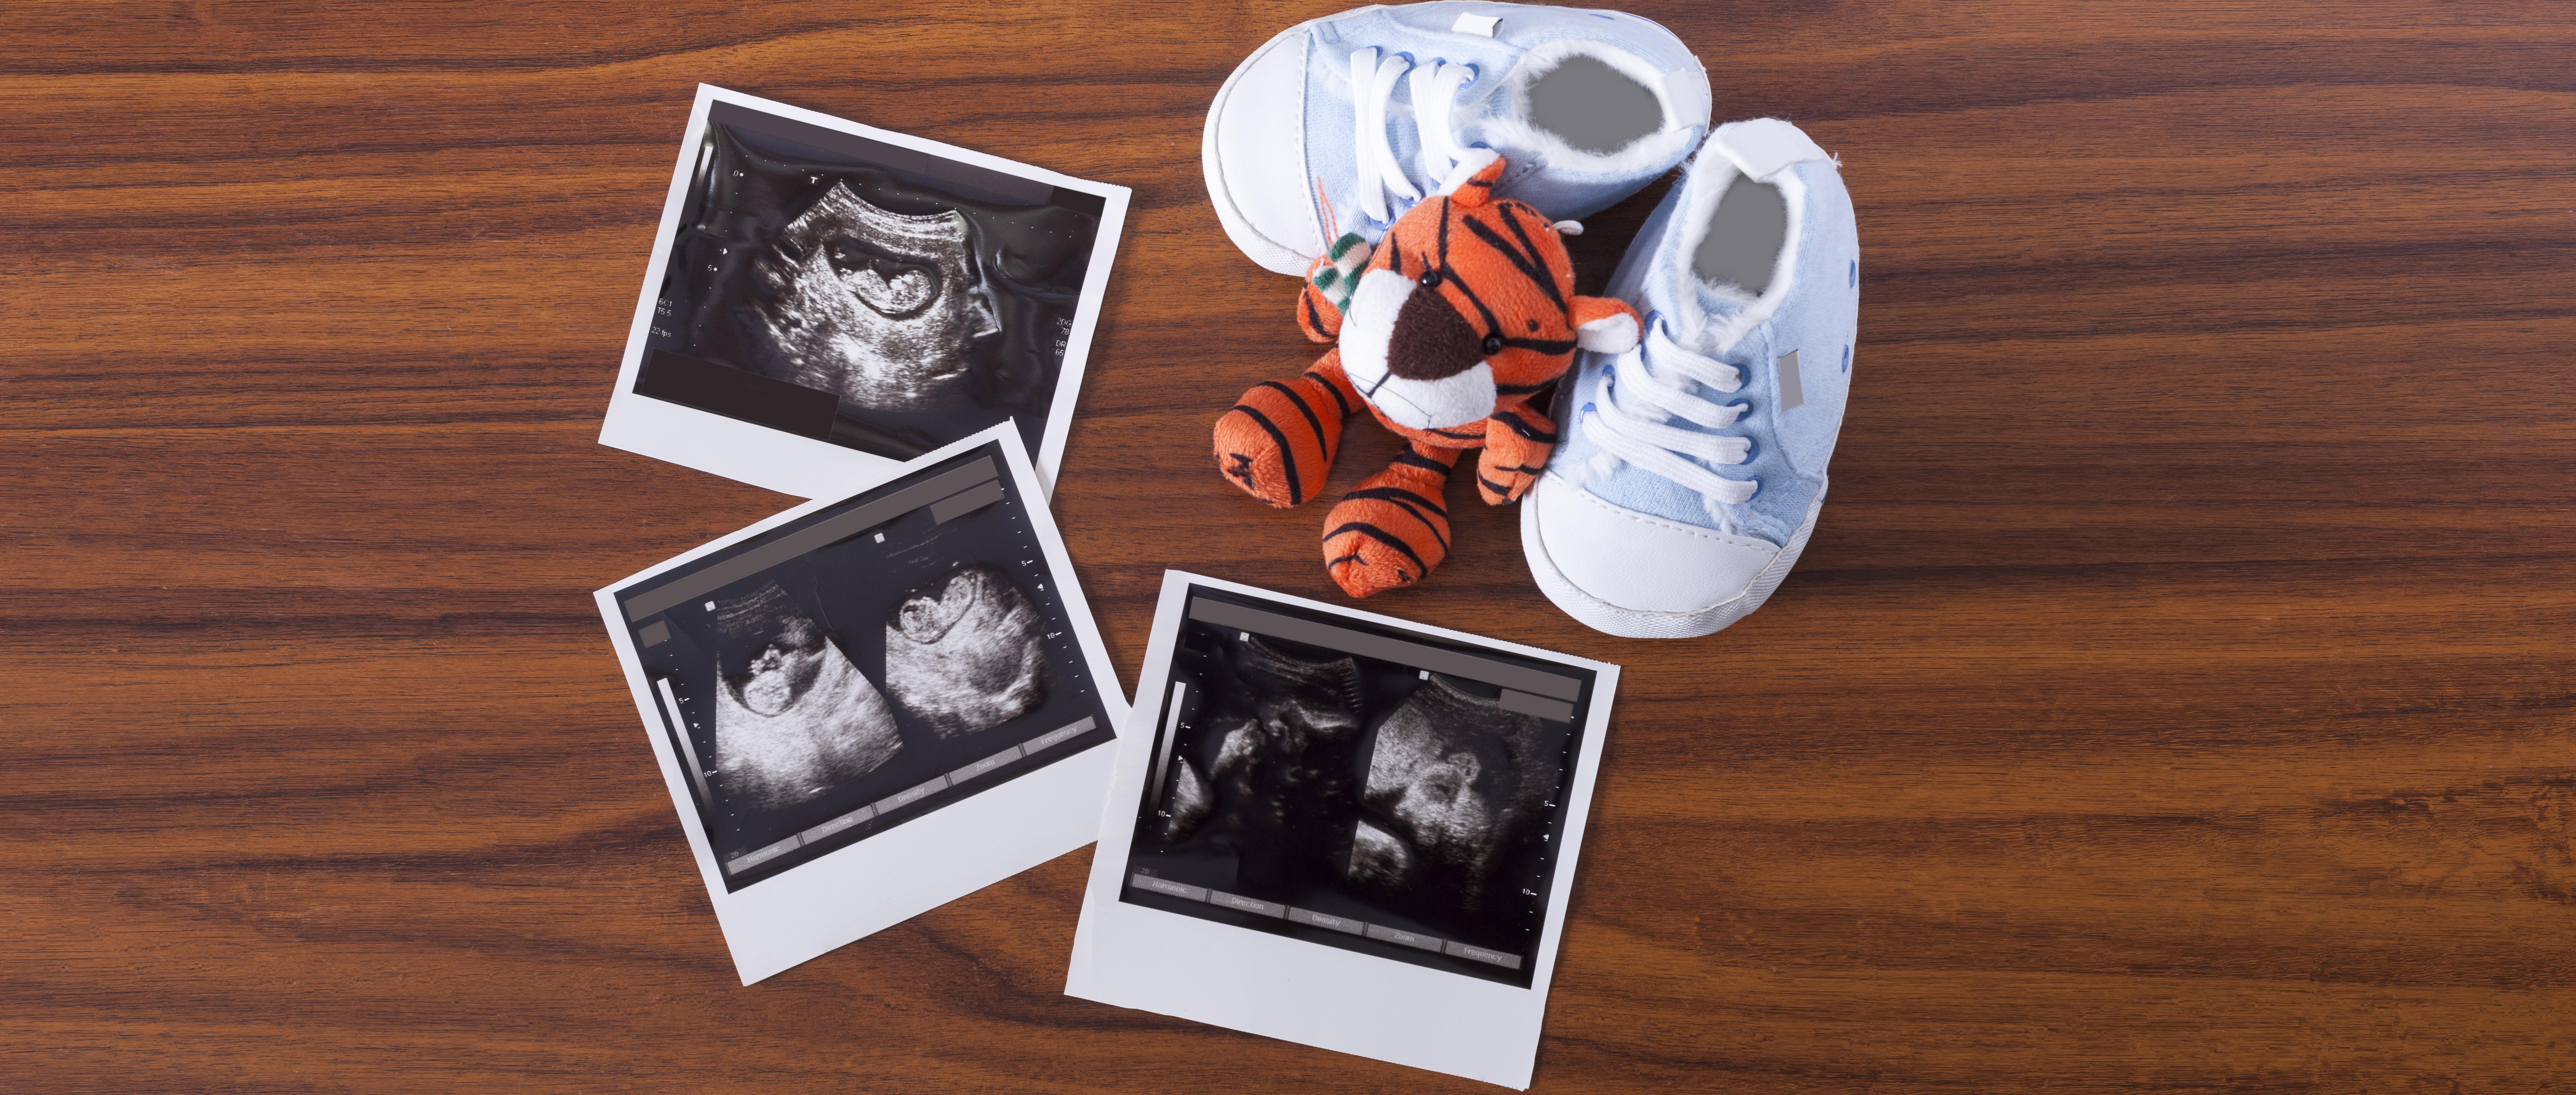 Seguir el embarazo en la distancia